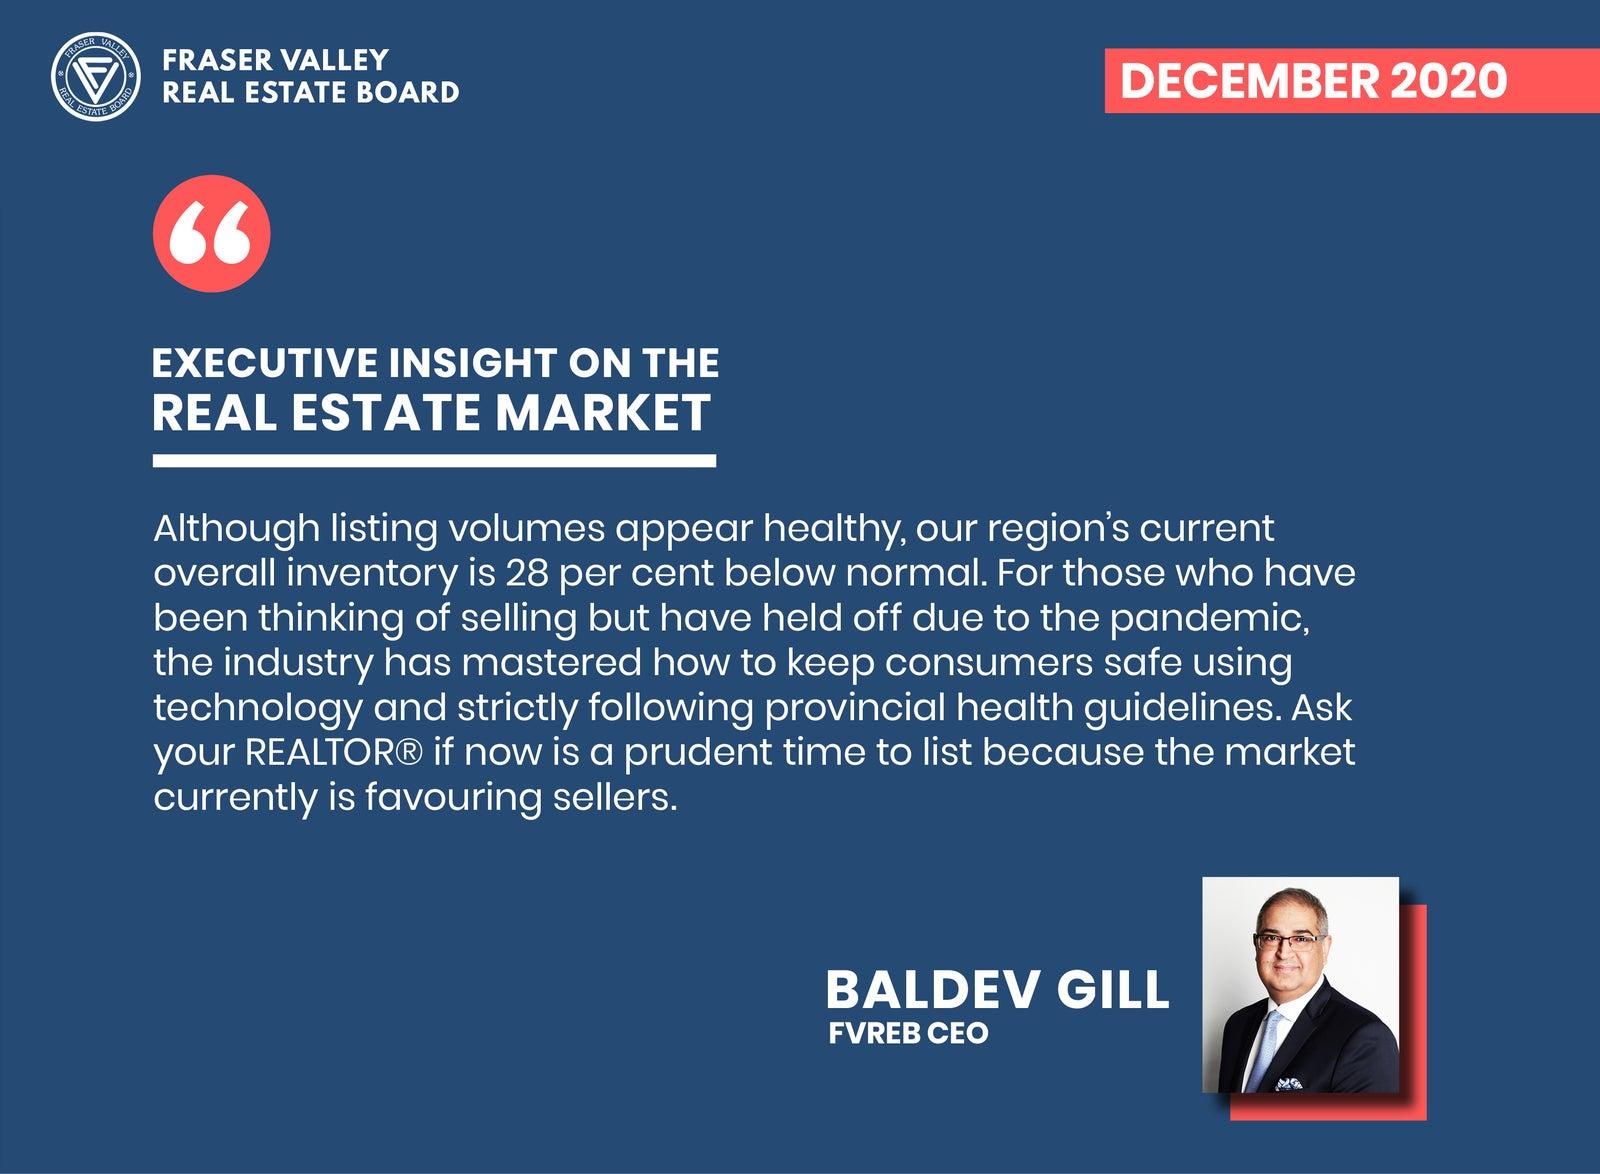 Executive Insight - Baldev Gill